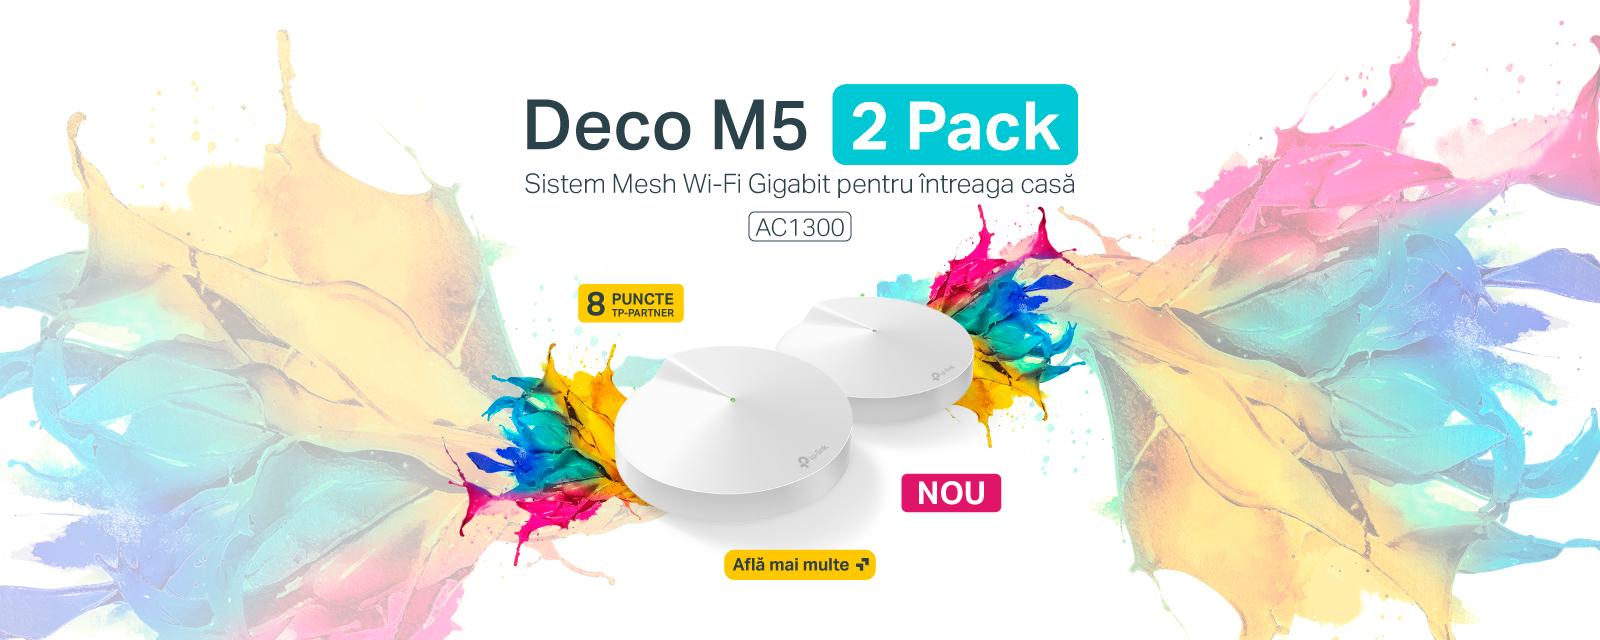 Deco M5 2 Pack